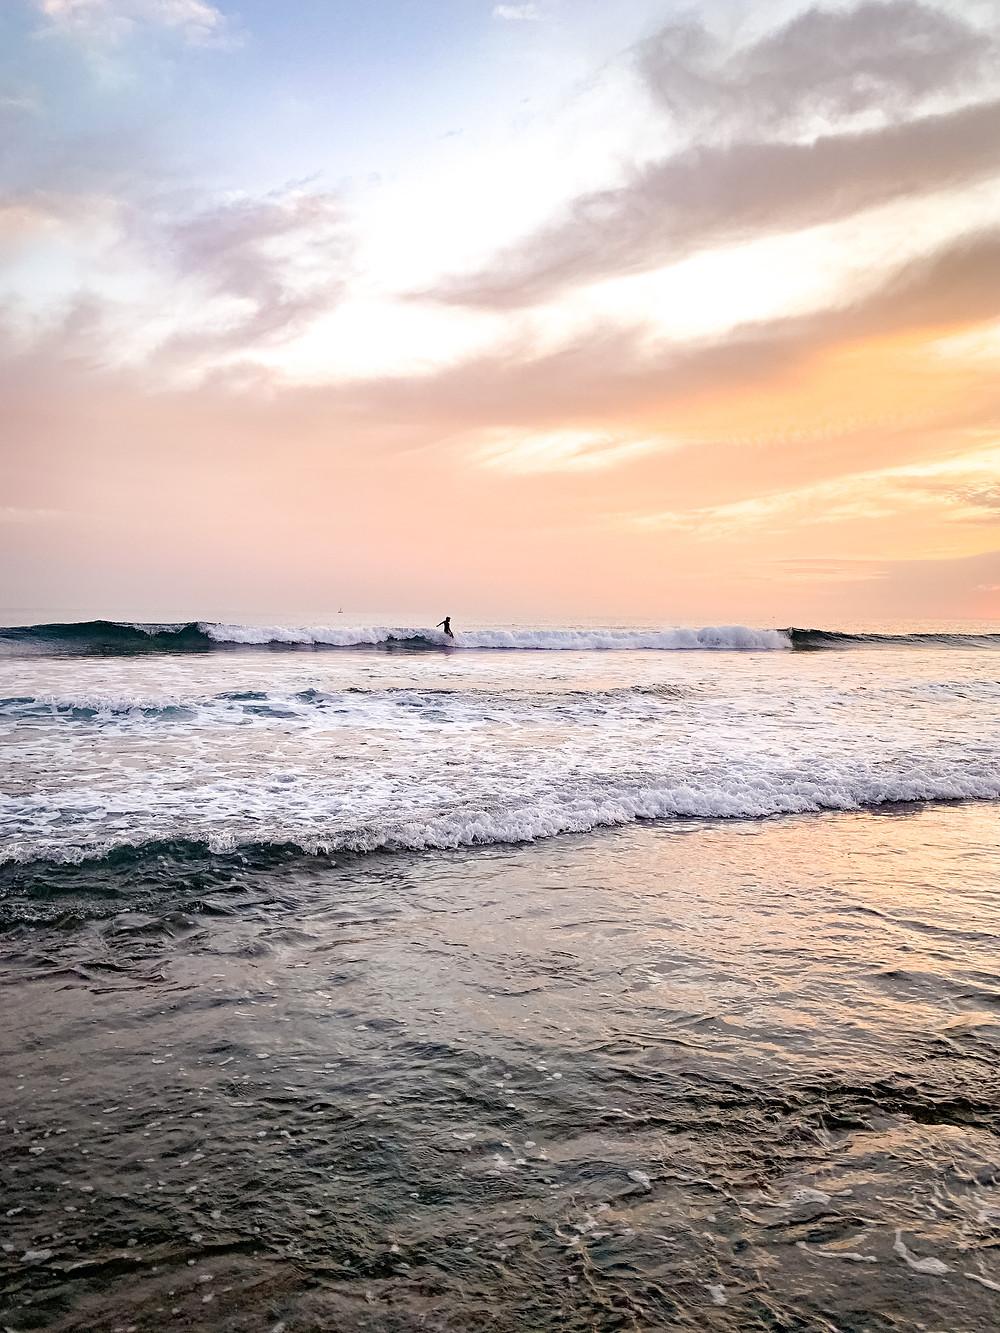 Surfeur à la plage de Las Américas - surfing - beach